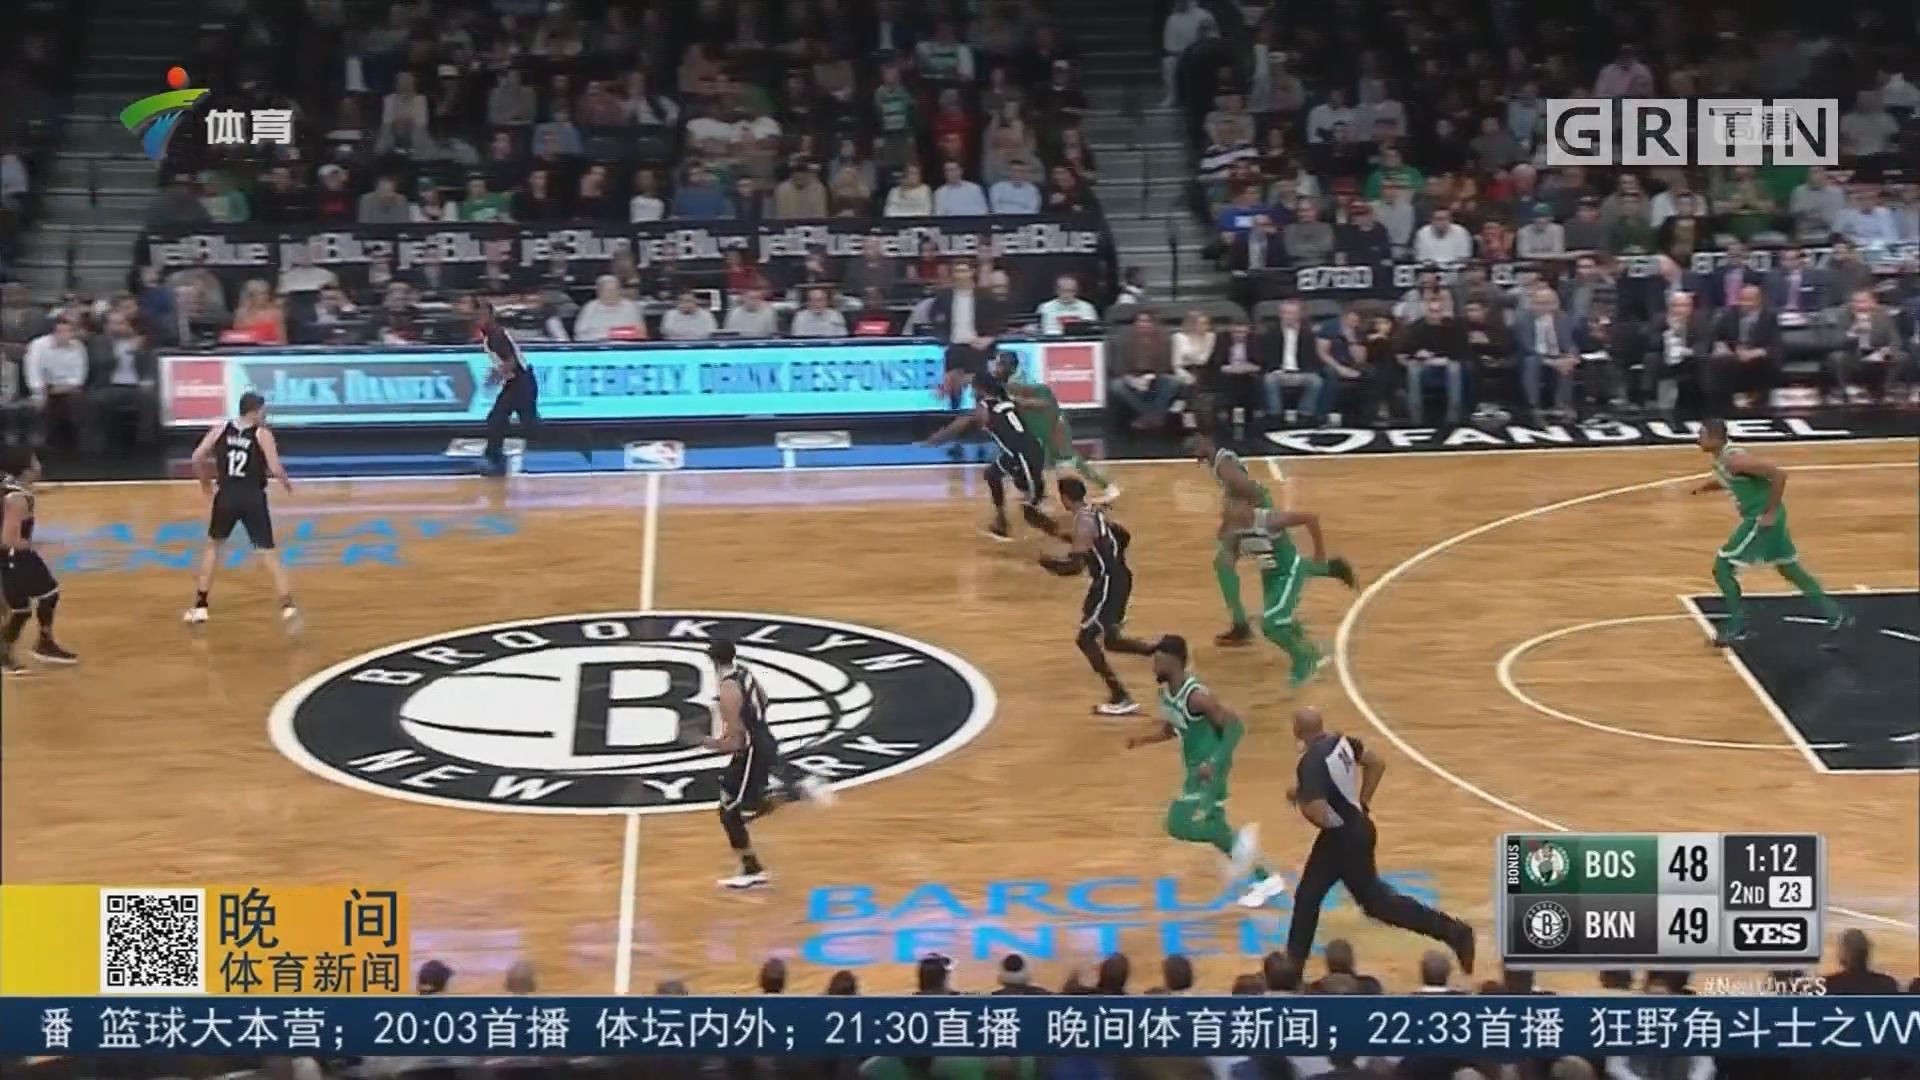 欧文复出 凯尔特人胜篮网取13连胜